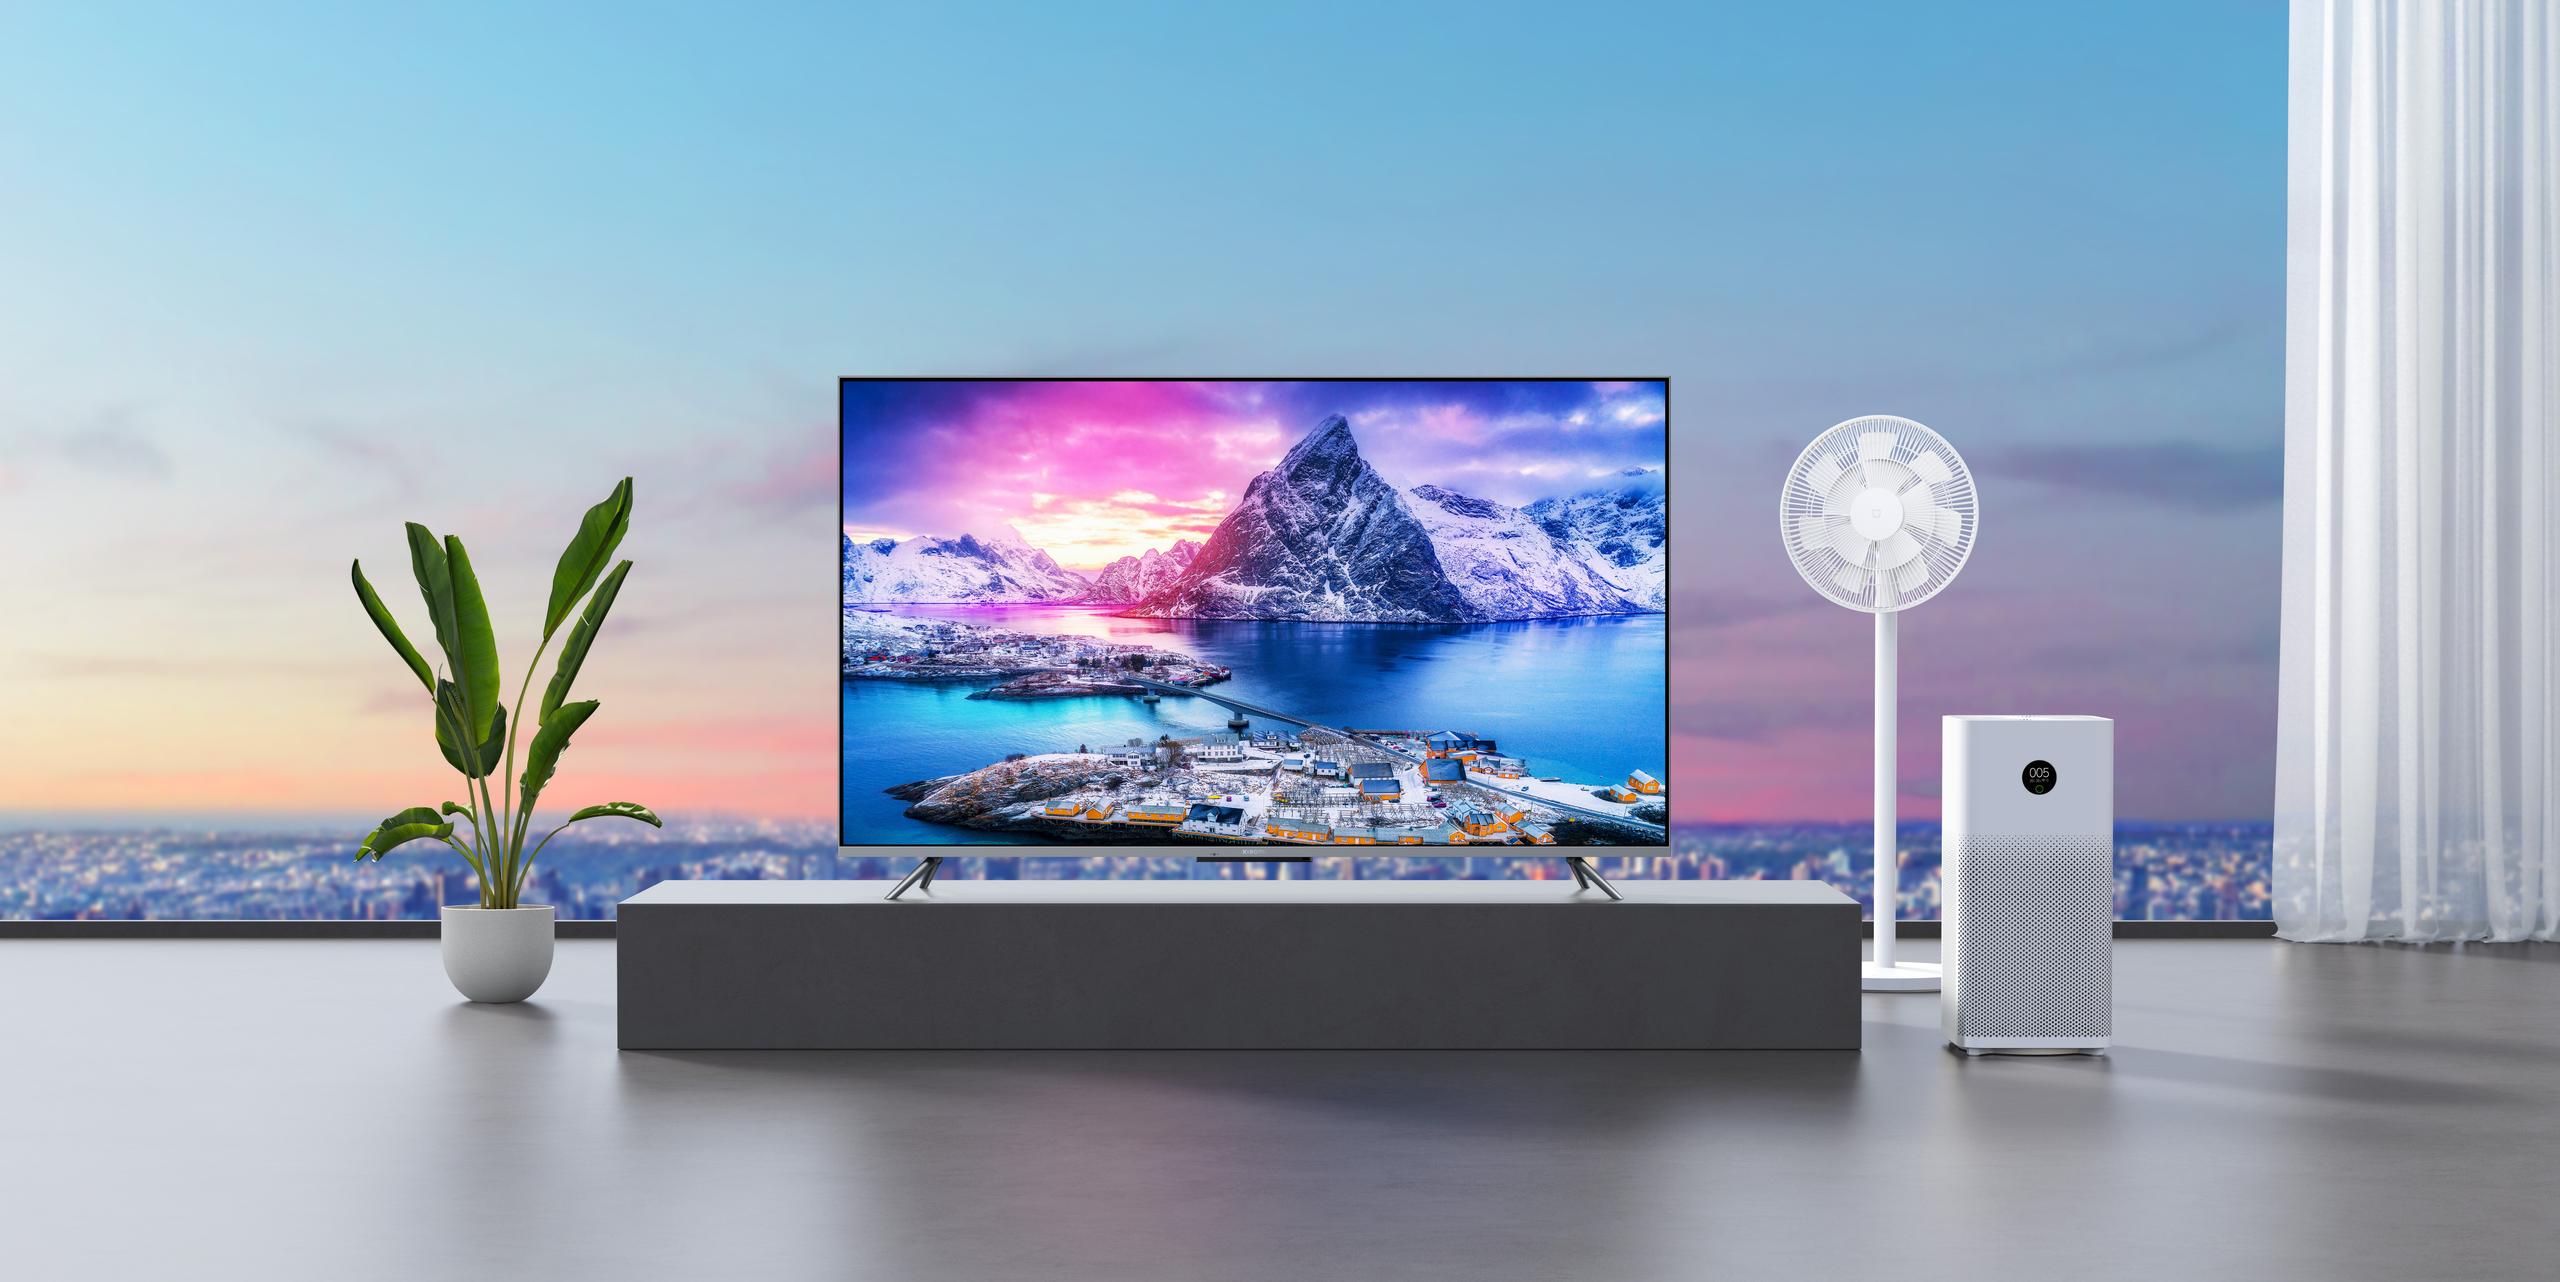 Xiaomi представила телевизор 4K QLED 55 за 799